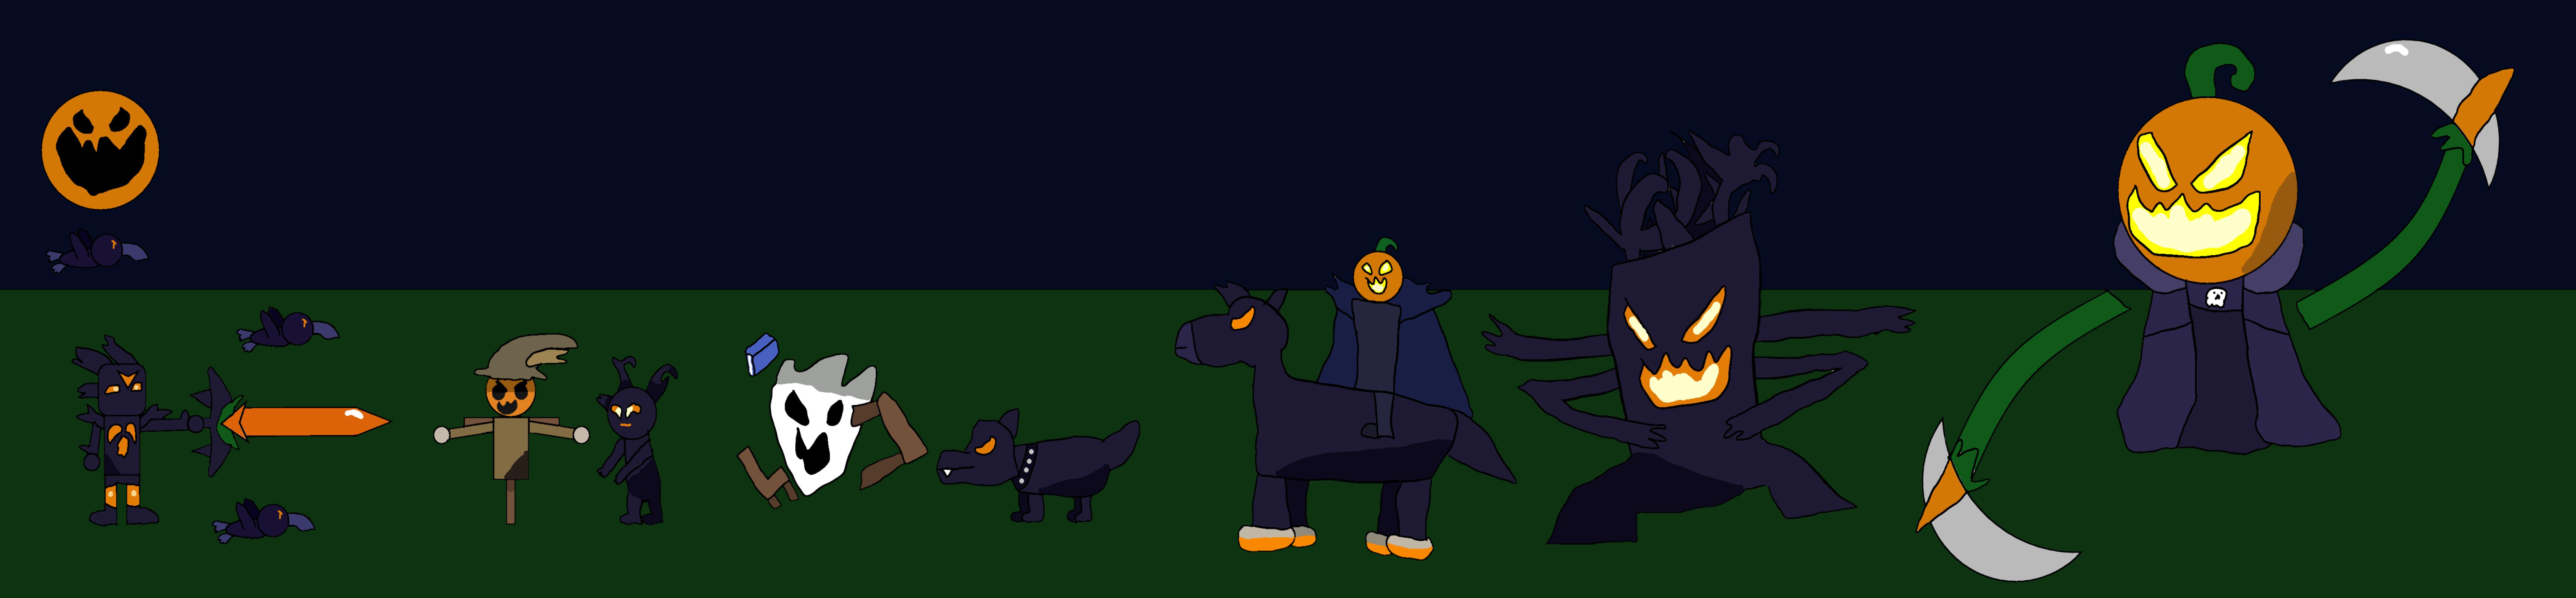 Pumpkin moonupscaled.png